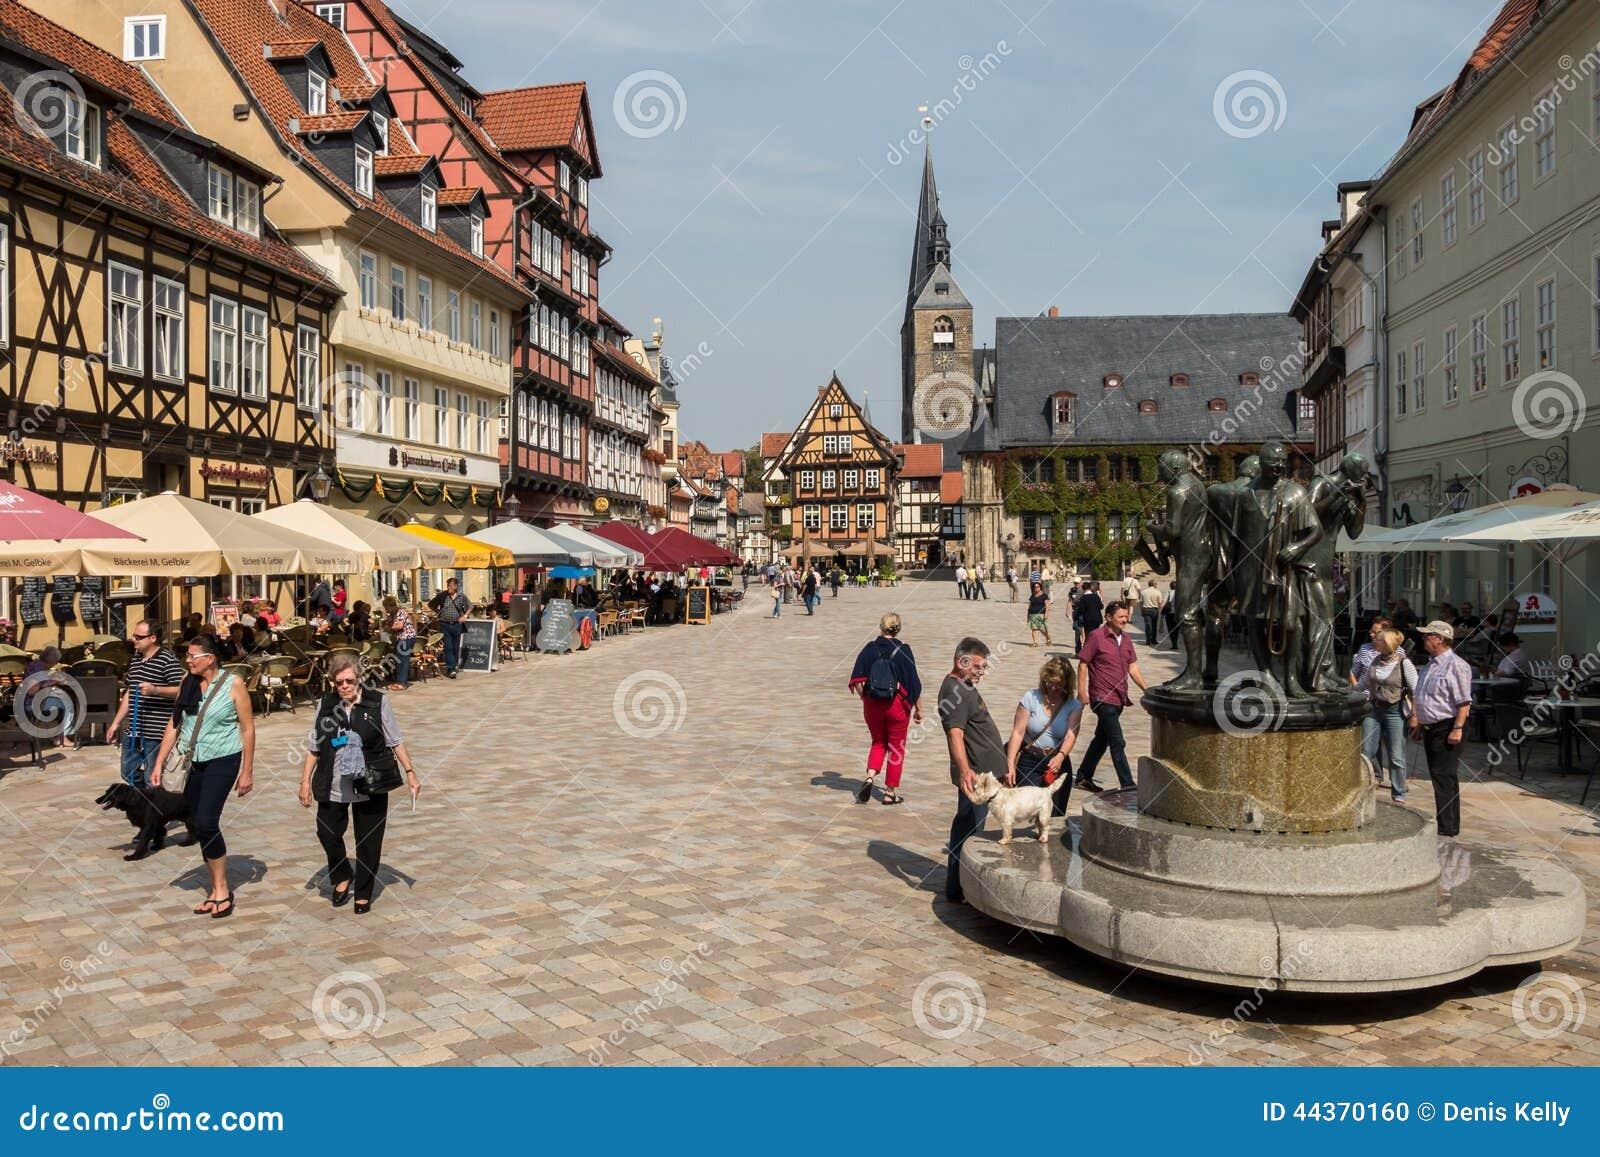 Quadrato del mercato in Quedlinburg, Germania